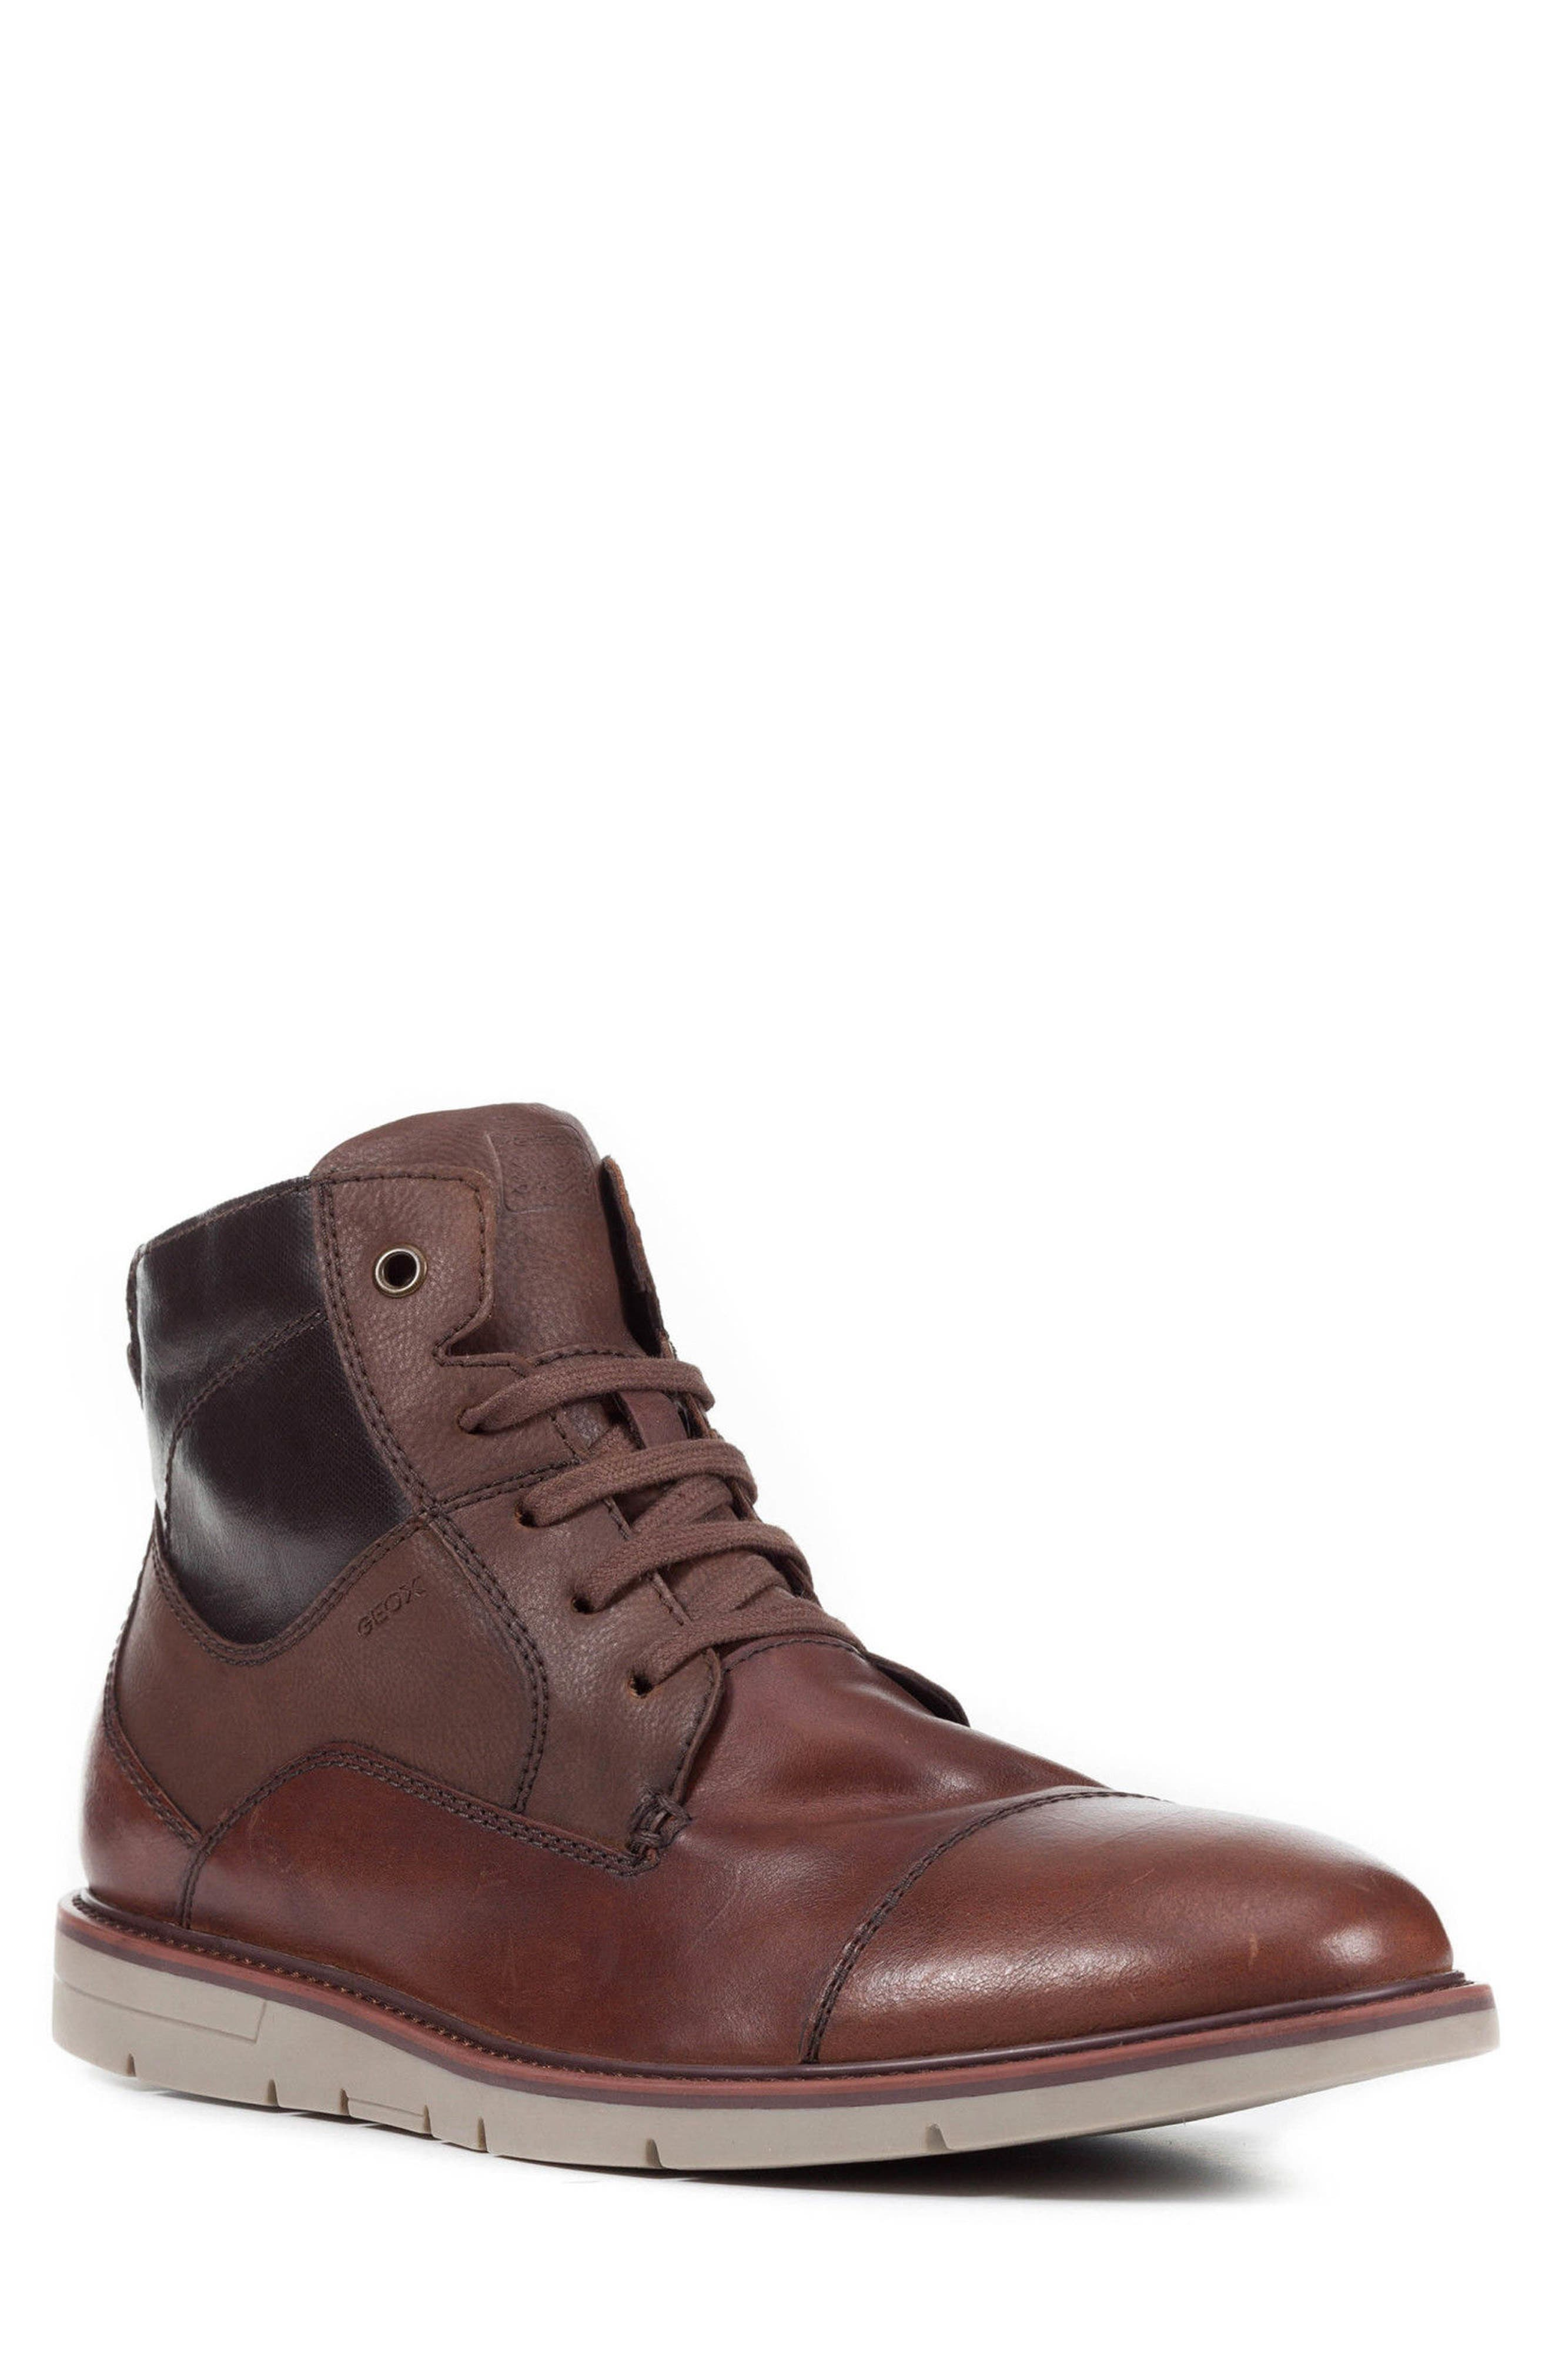 Muvet 5 Cap Toe Boot,                             Main thumbnail 2, color,